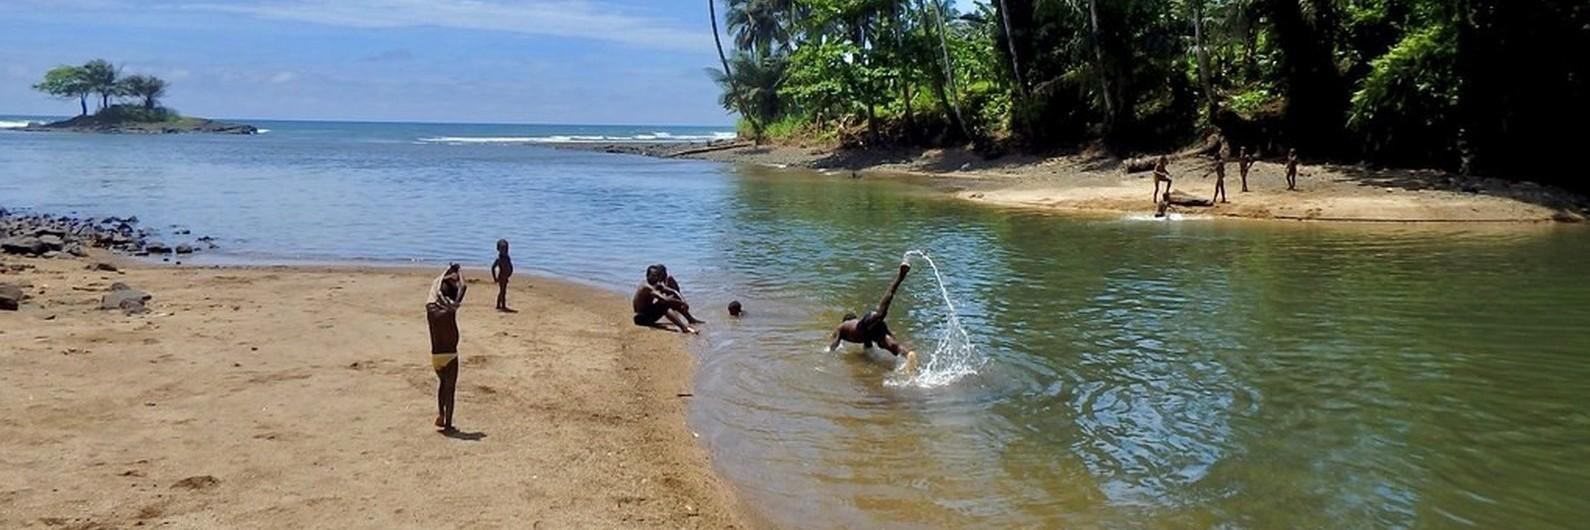 São Tomé e Príncipe, o destino ideal para quem privilegia o turismo sustentável